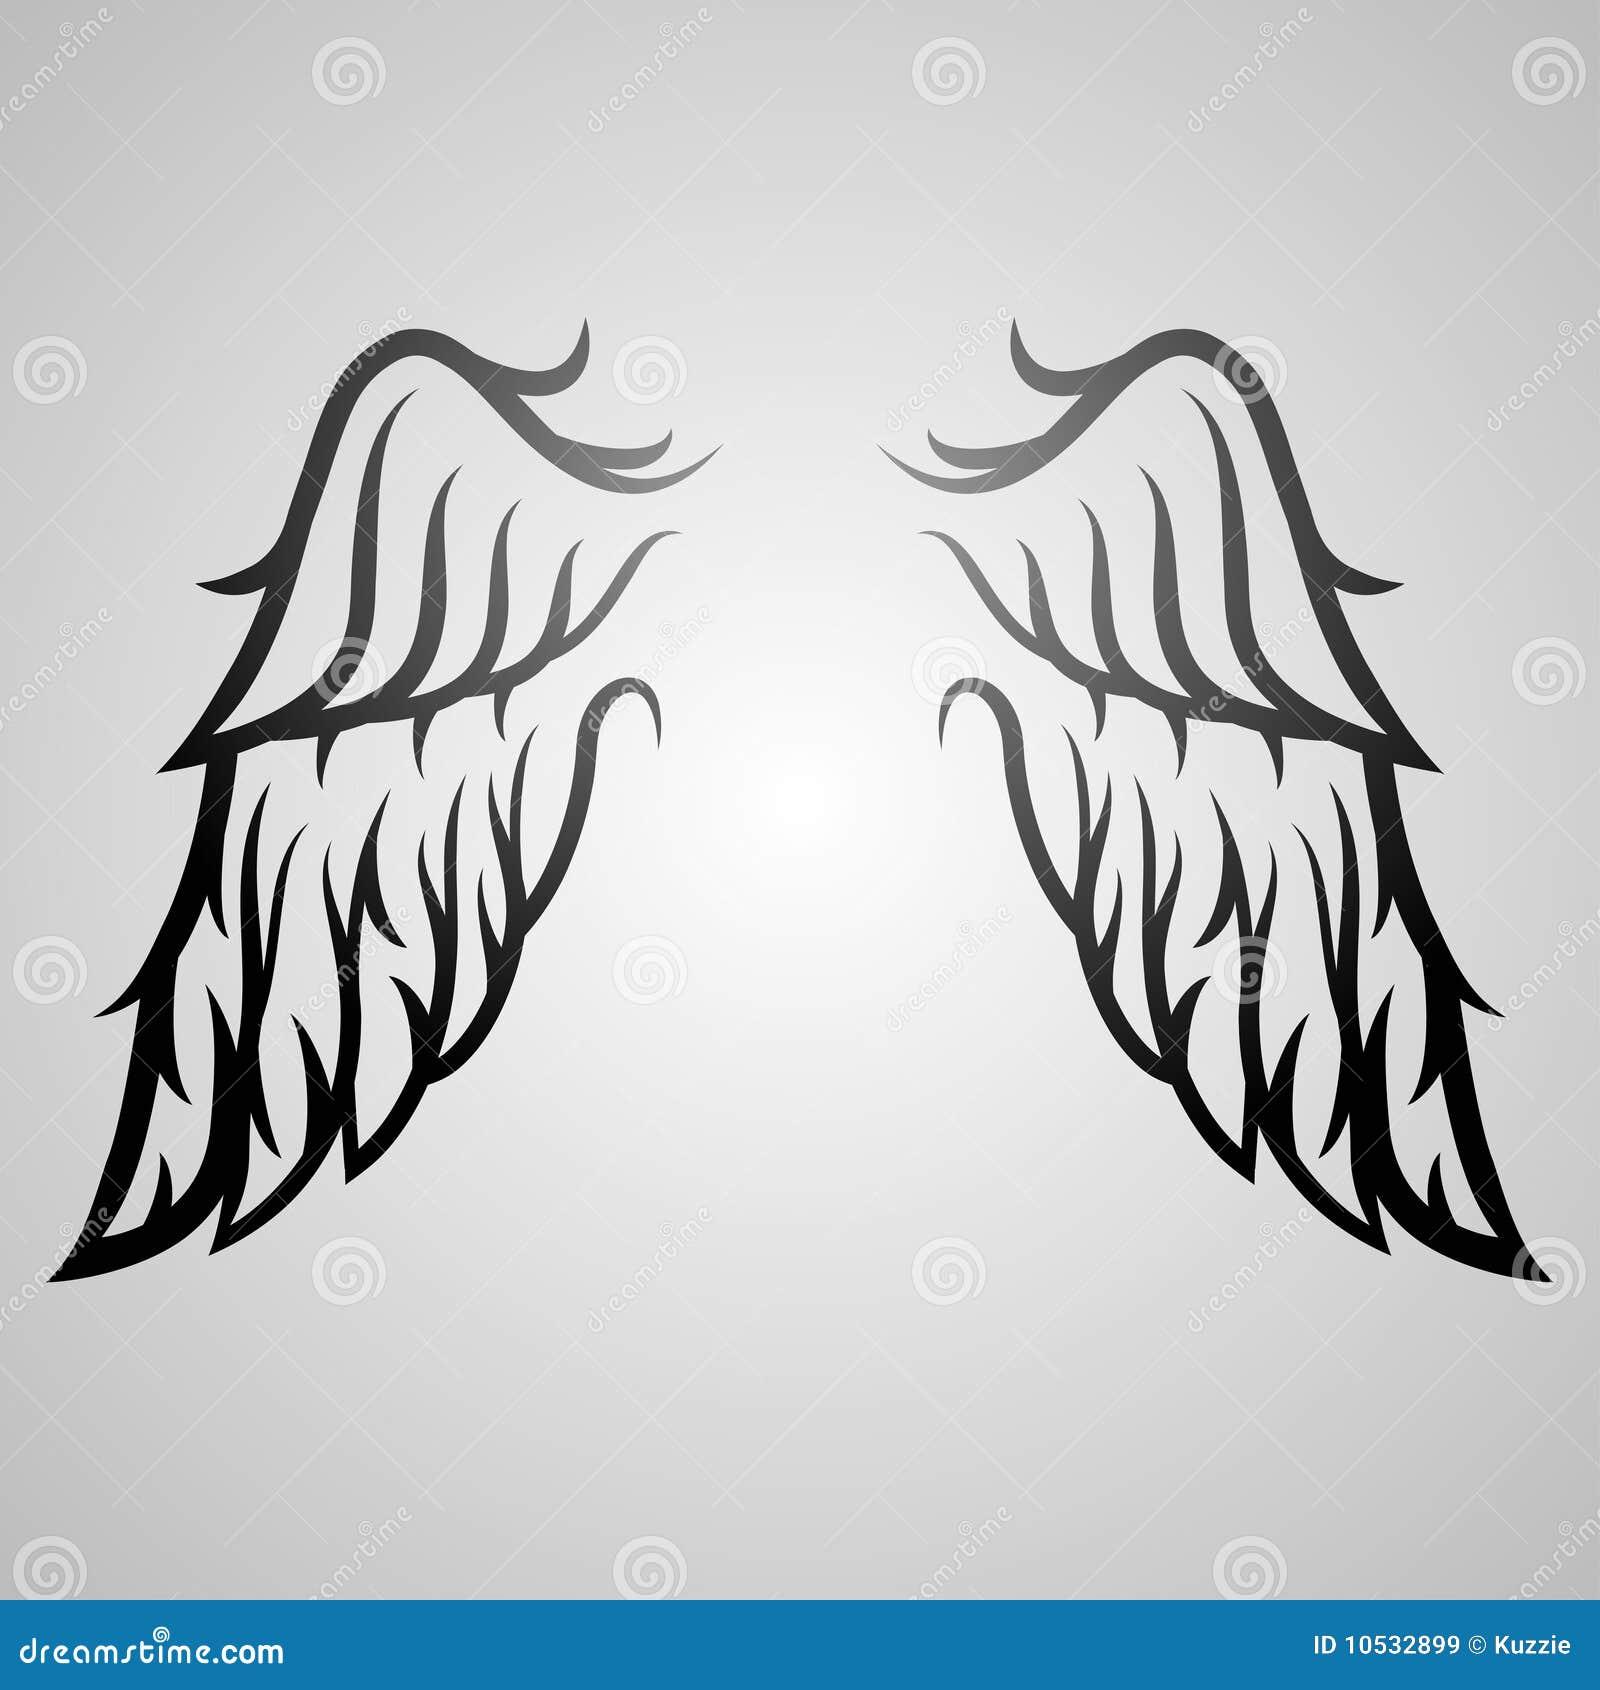 图象简单的纹身花刺翼.